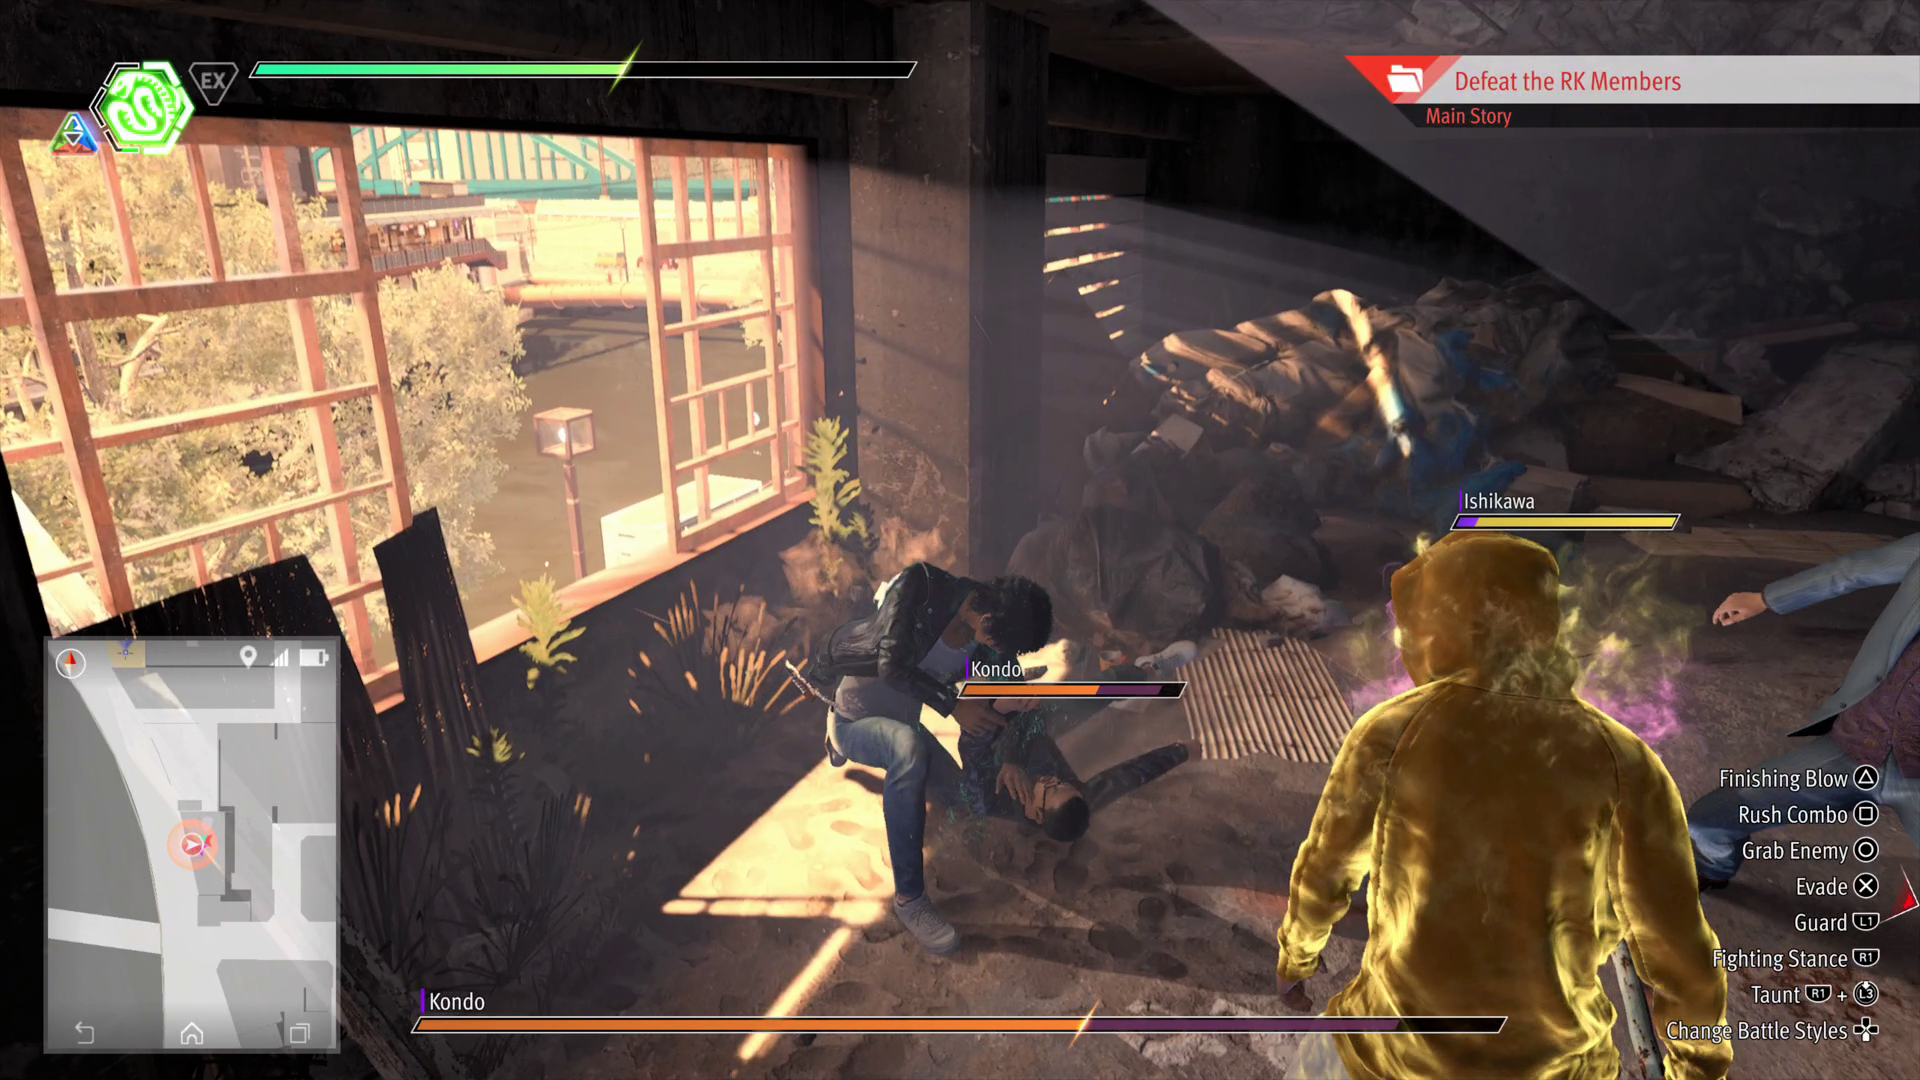 Yagami melawan anggota geng di Lost Judgement